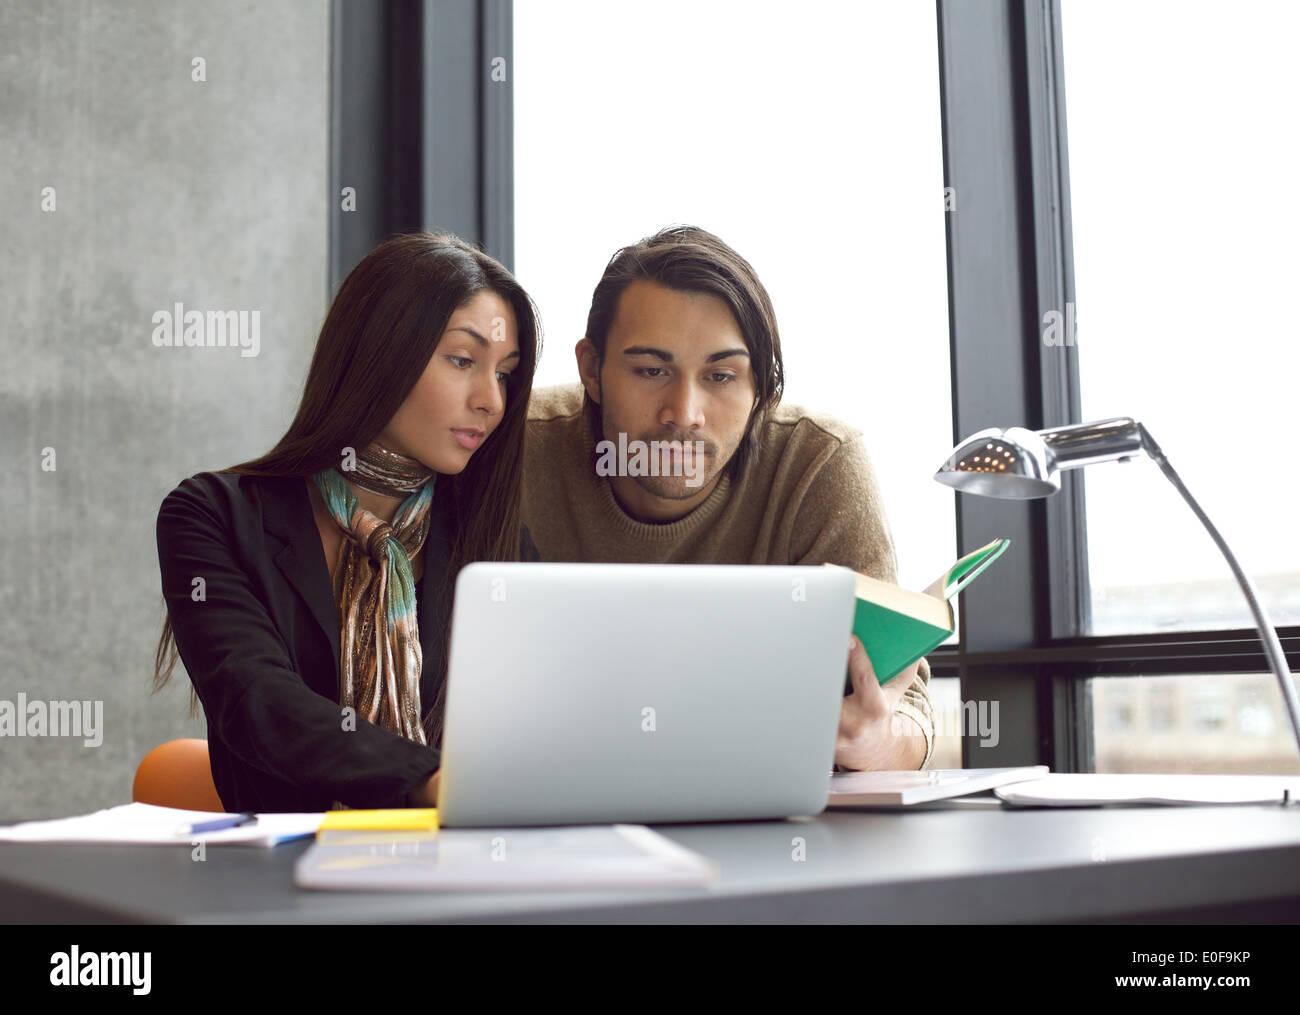 I giovani studenti universitari la ricerca di informazioni in libri e computer portatile per i loro studi. Seduti a tavola studiando insieme. Immagini Stock